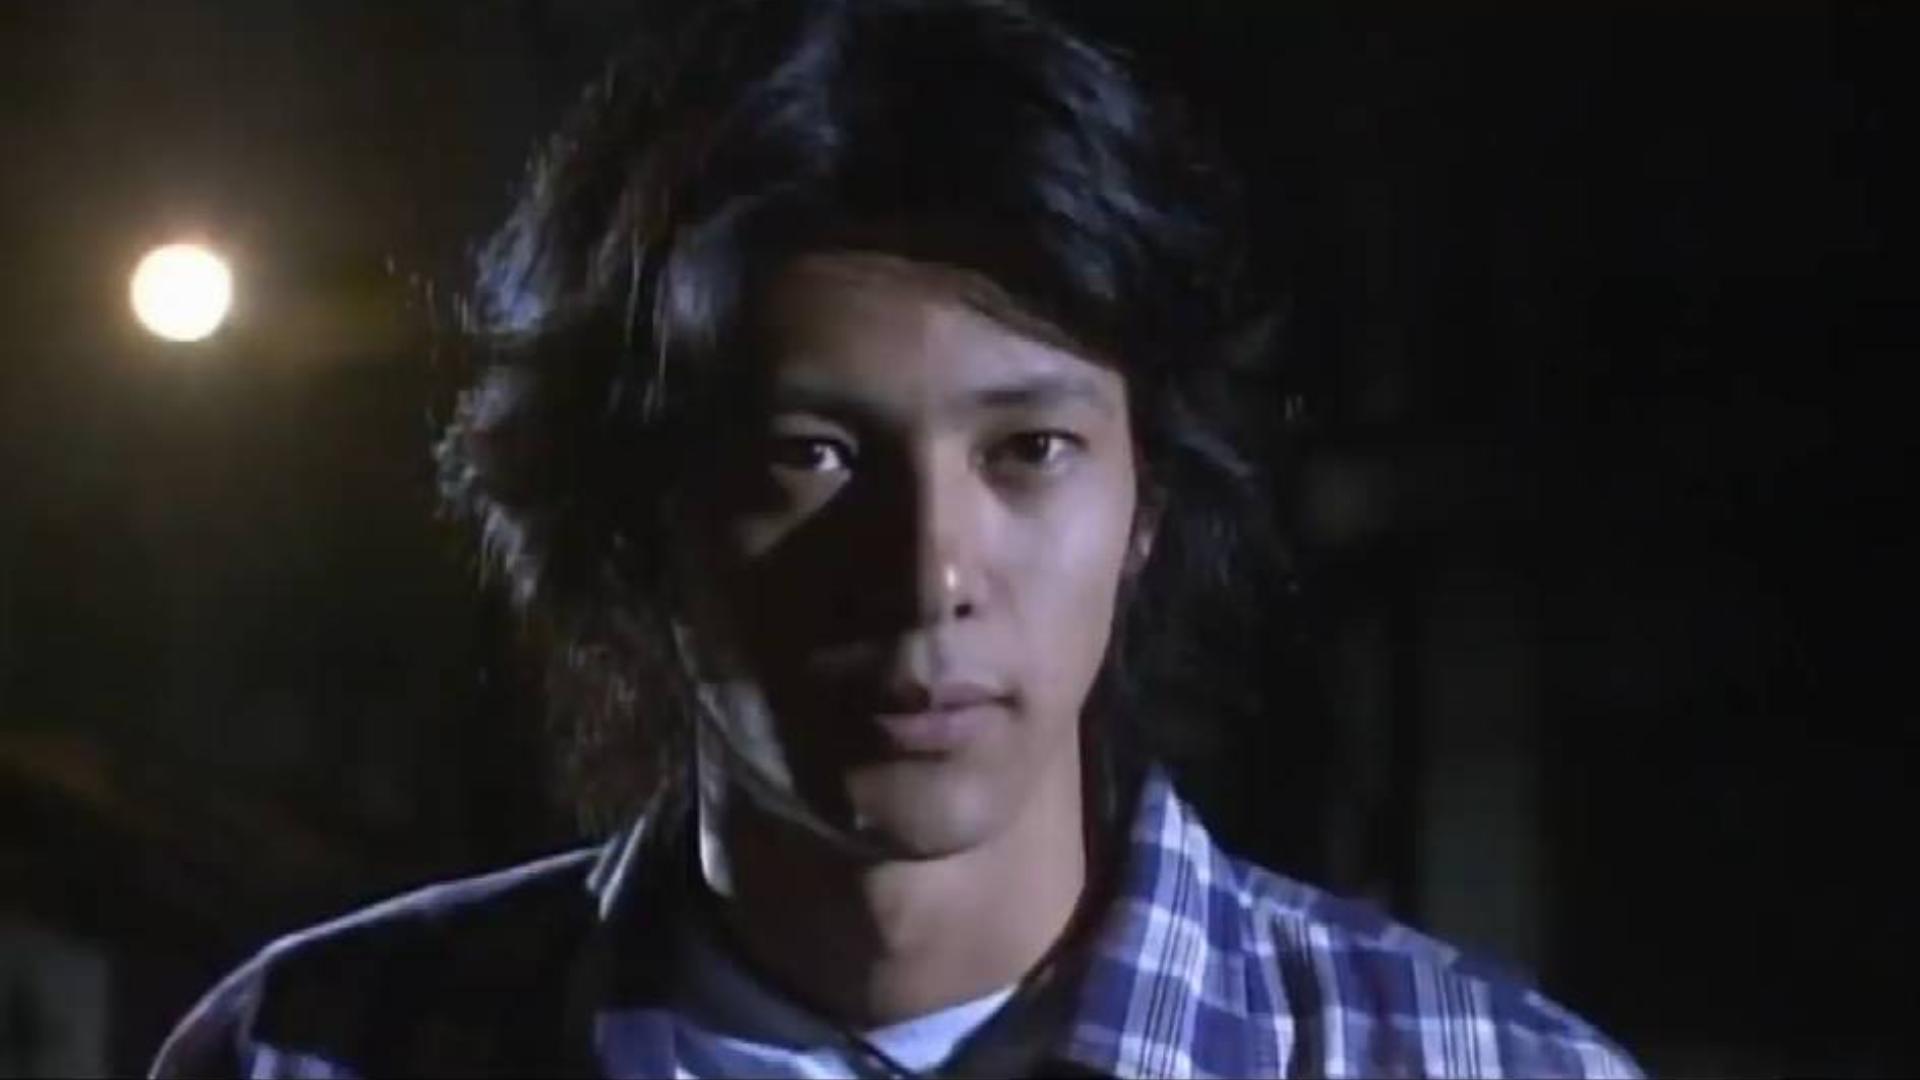 【平成假面骑士】旧十年骑士变身剪辑